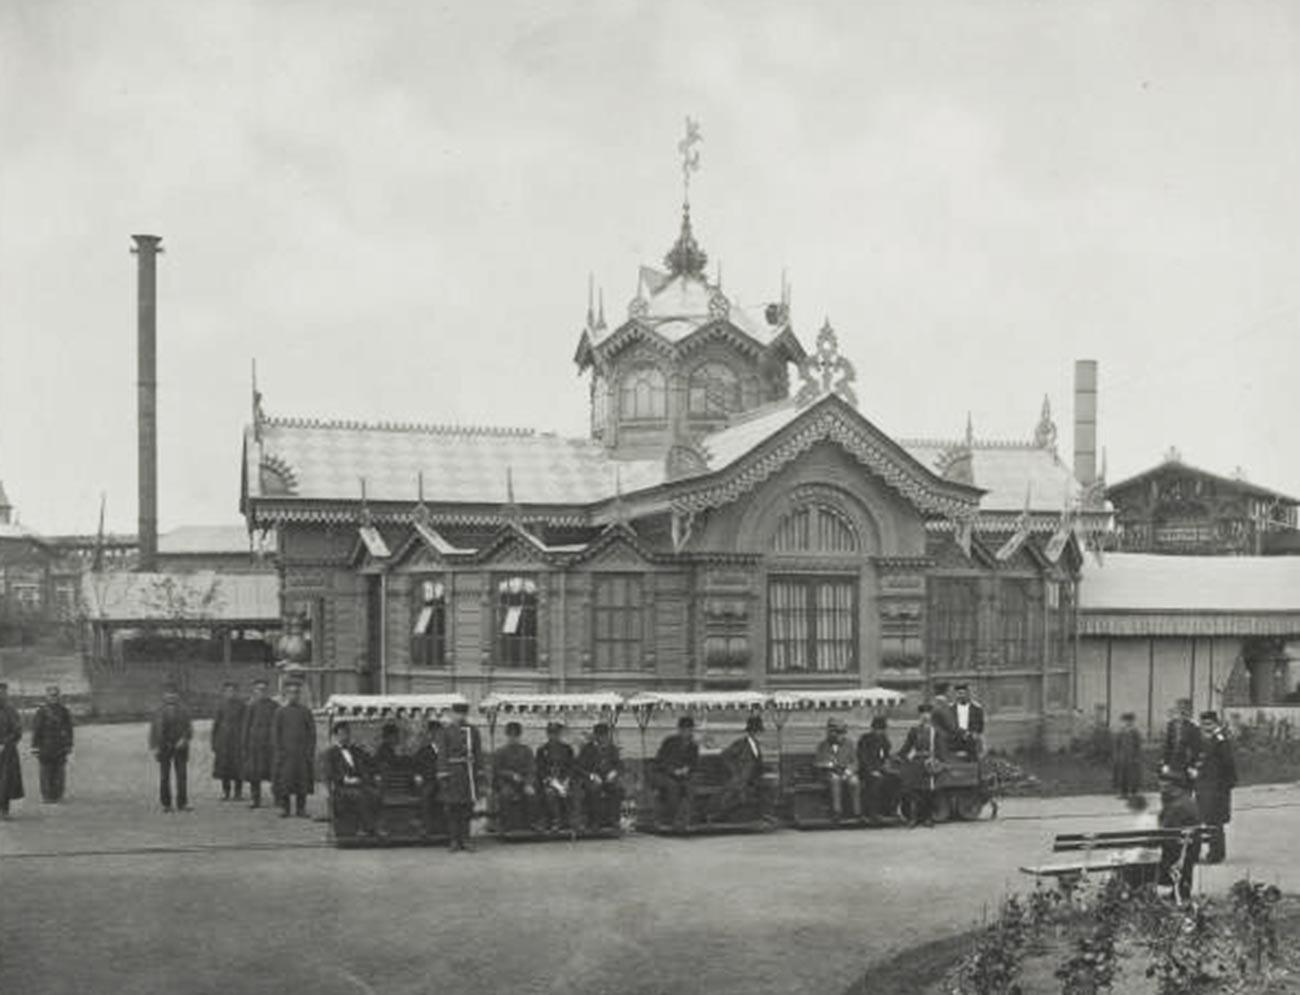 Pavillon de Siemens et Halske (chemins de fer électriques). L'exposition panrusse d'art et d'industrie de 1882 sur le champ de Khodynka à Moscou.